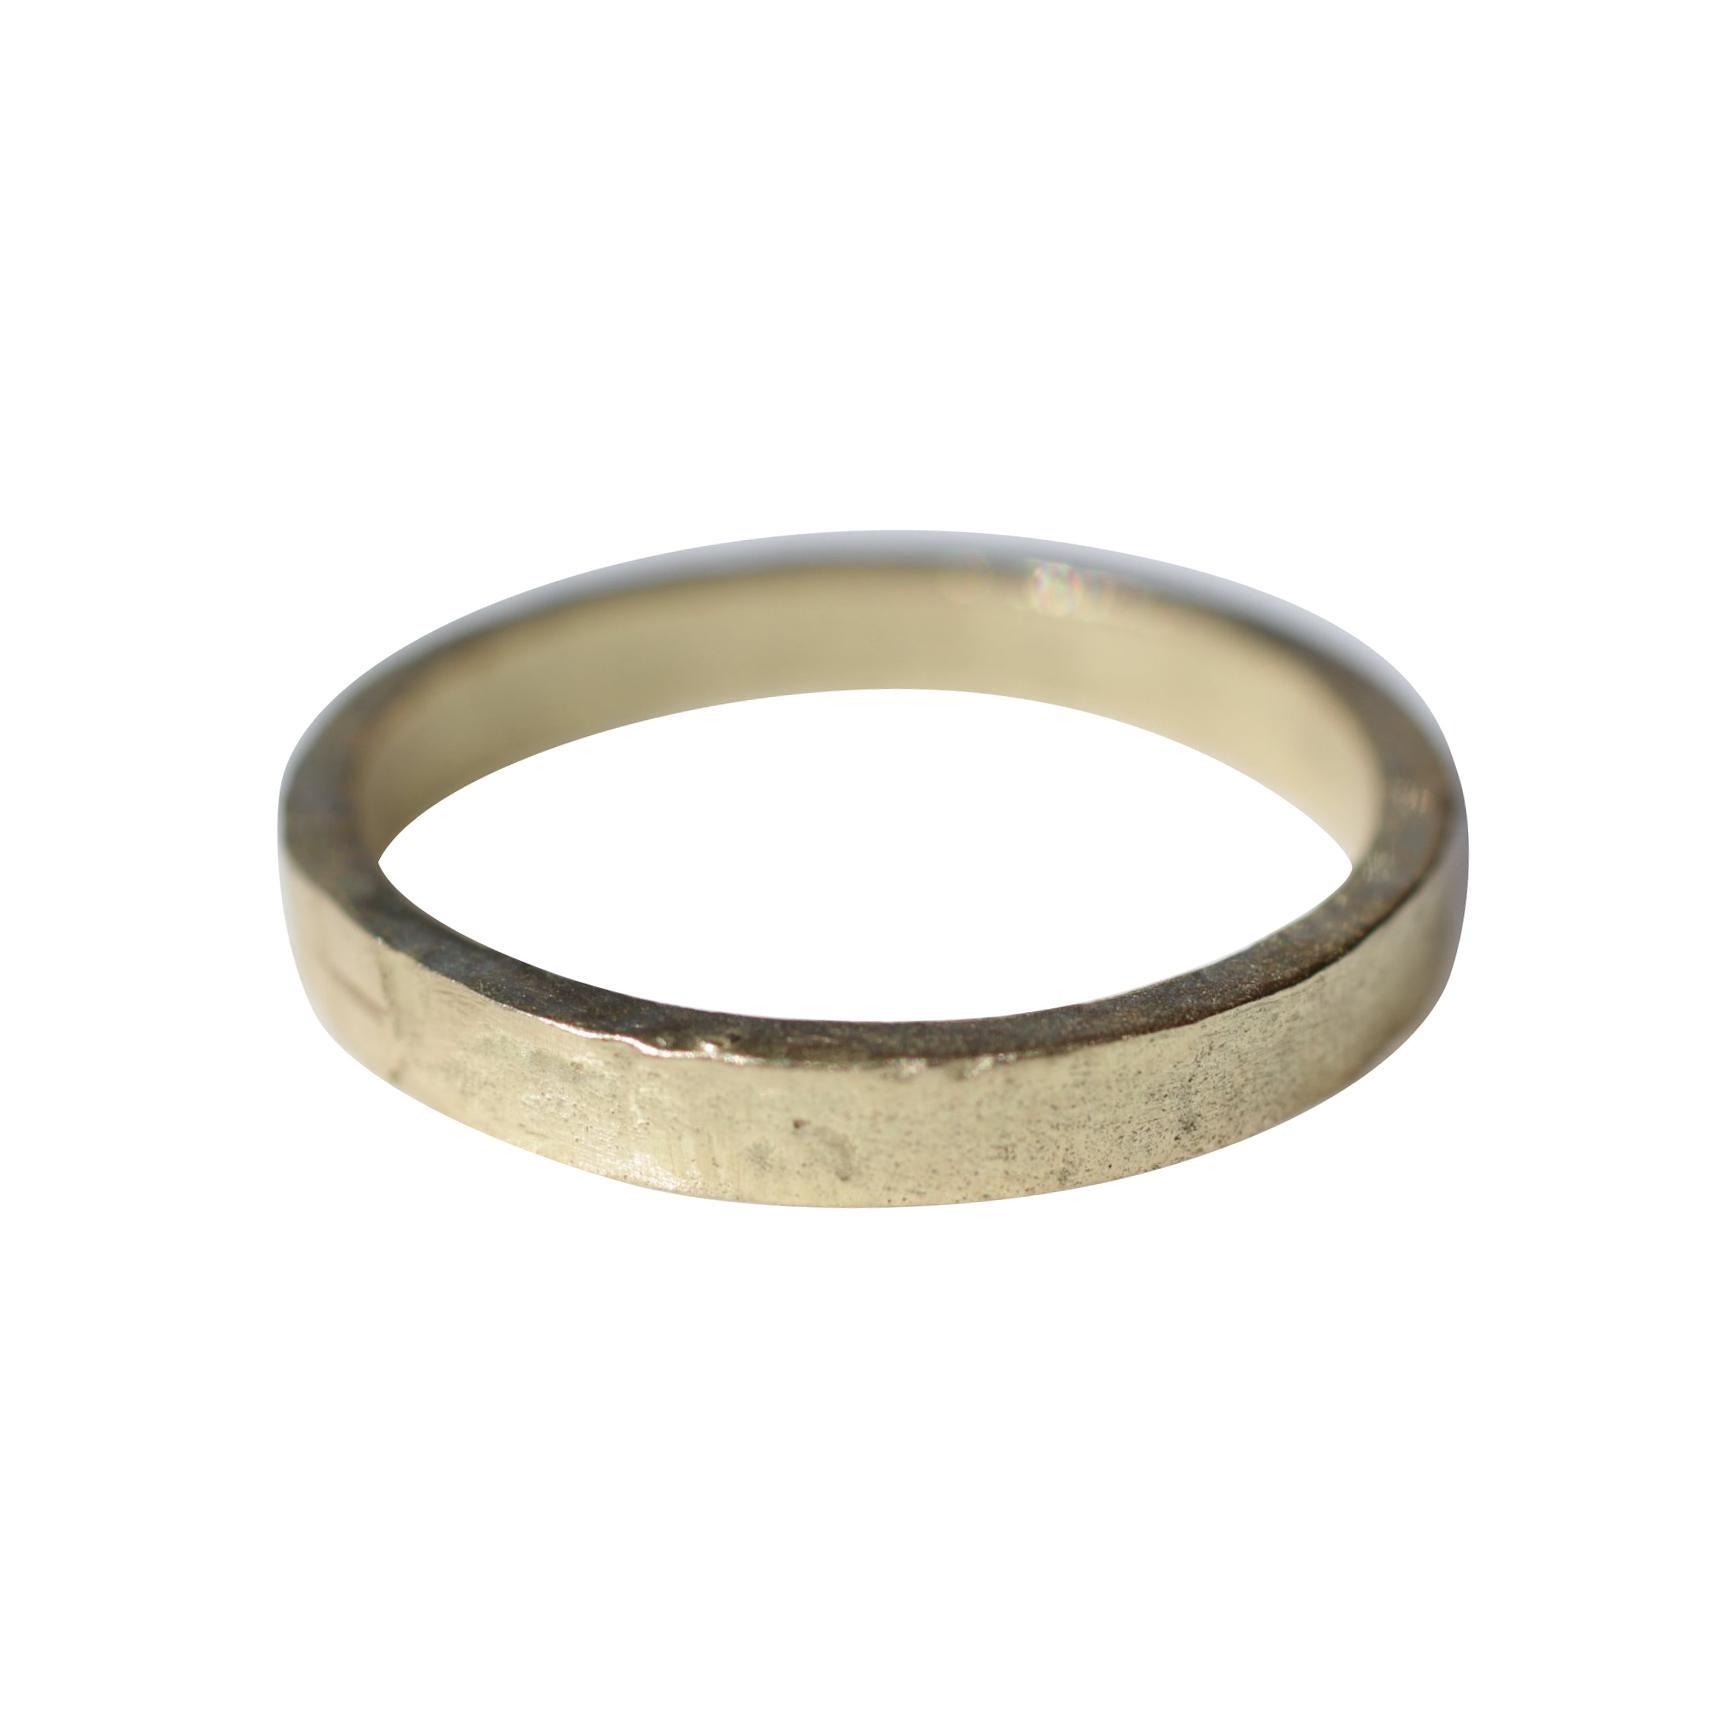 Bridal Wedding 18 Karat Gold Band Ring Stacking Contemporary Unisex Man